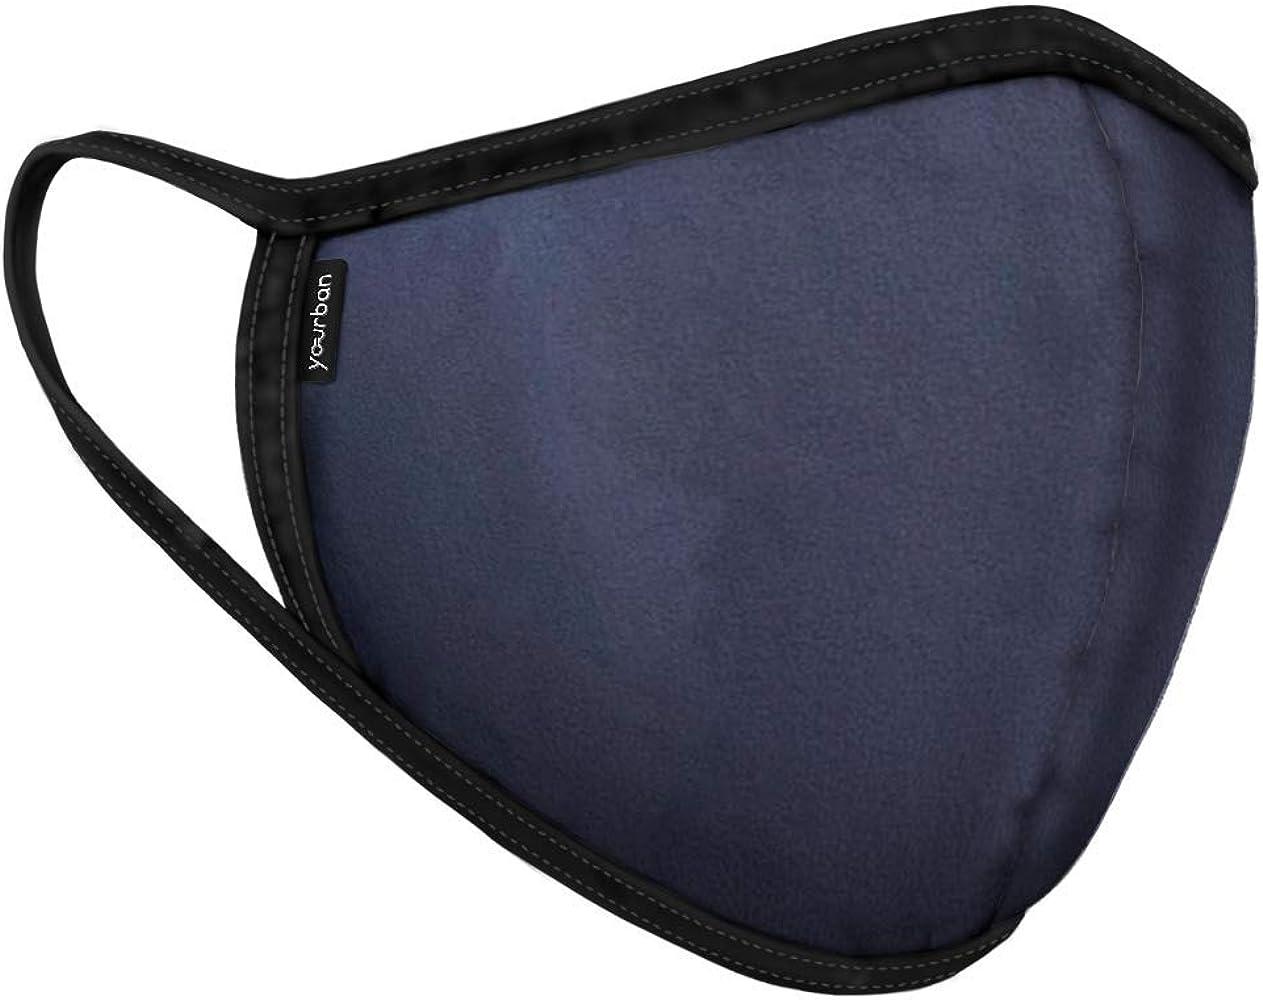 YOURBAN Mascarilla higiénica reutilizable y lavable con filtro (adulto) en color azul marino. Modelo Blue Dark: Amazon.es: Ropa y accesorios